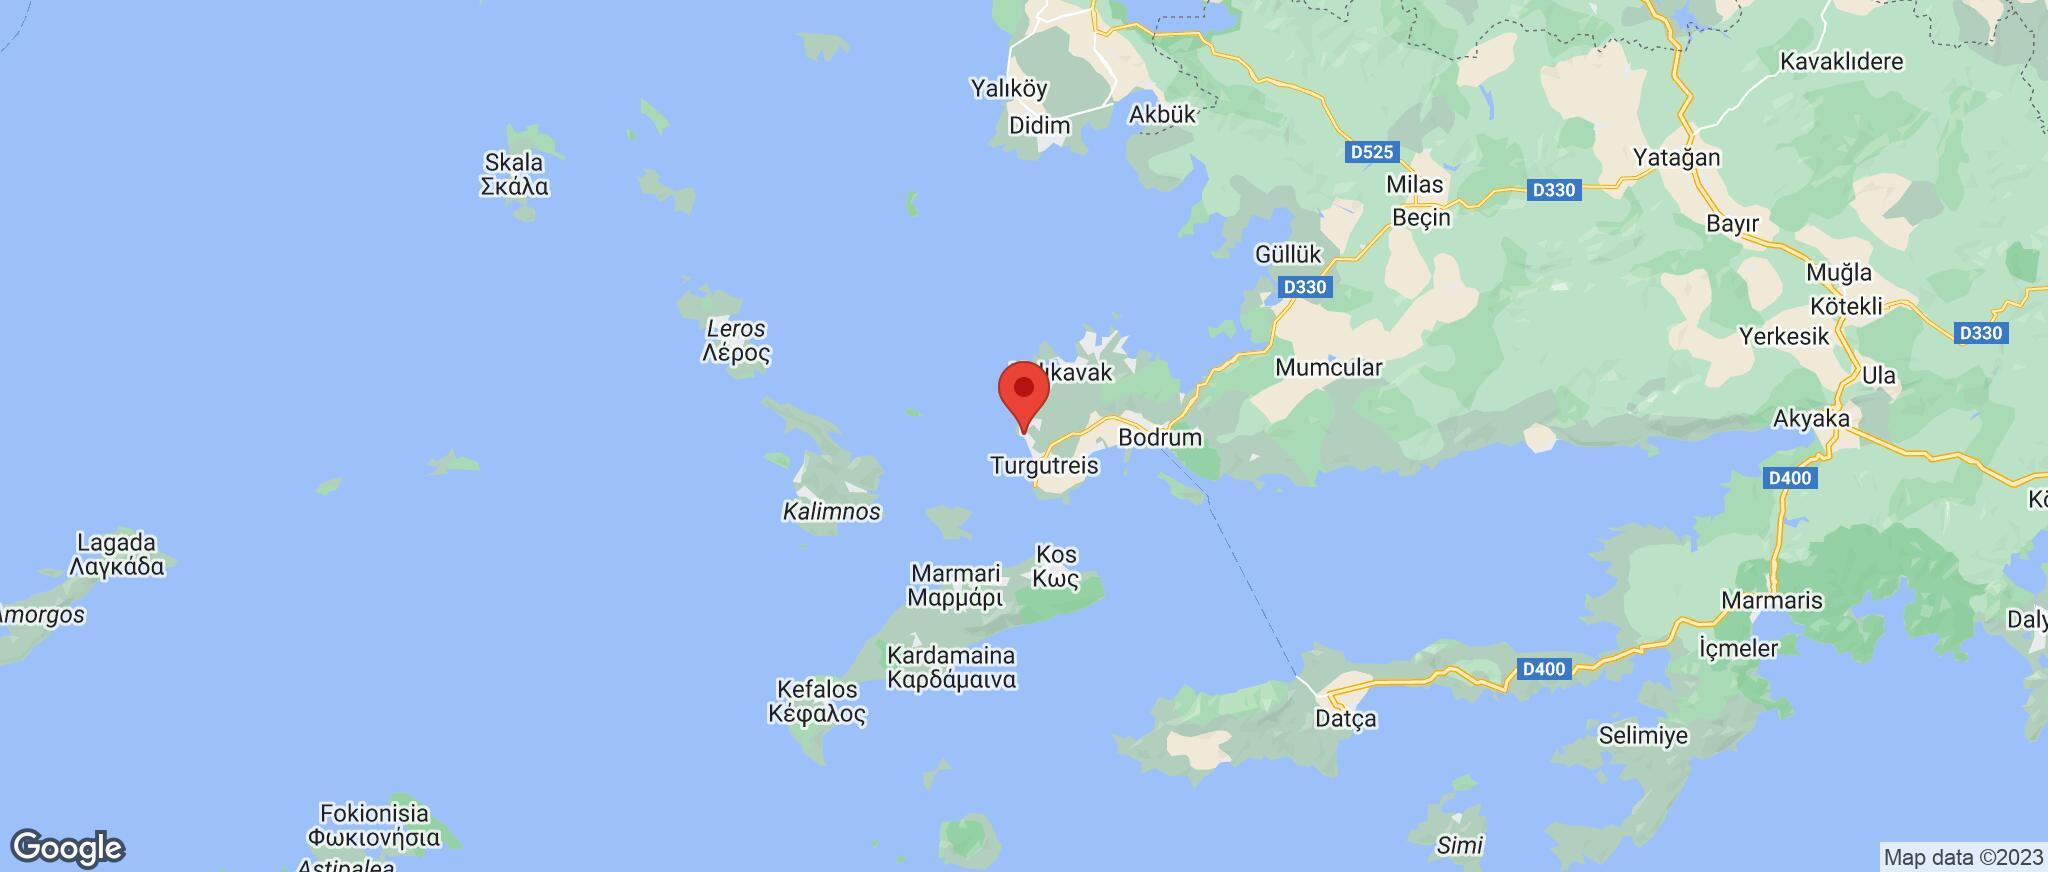 Map showing the location of Kadikalesi